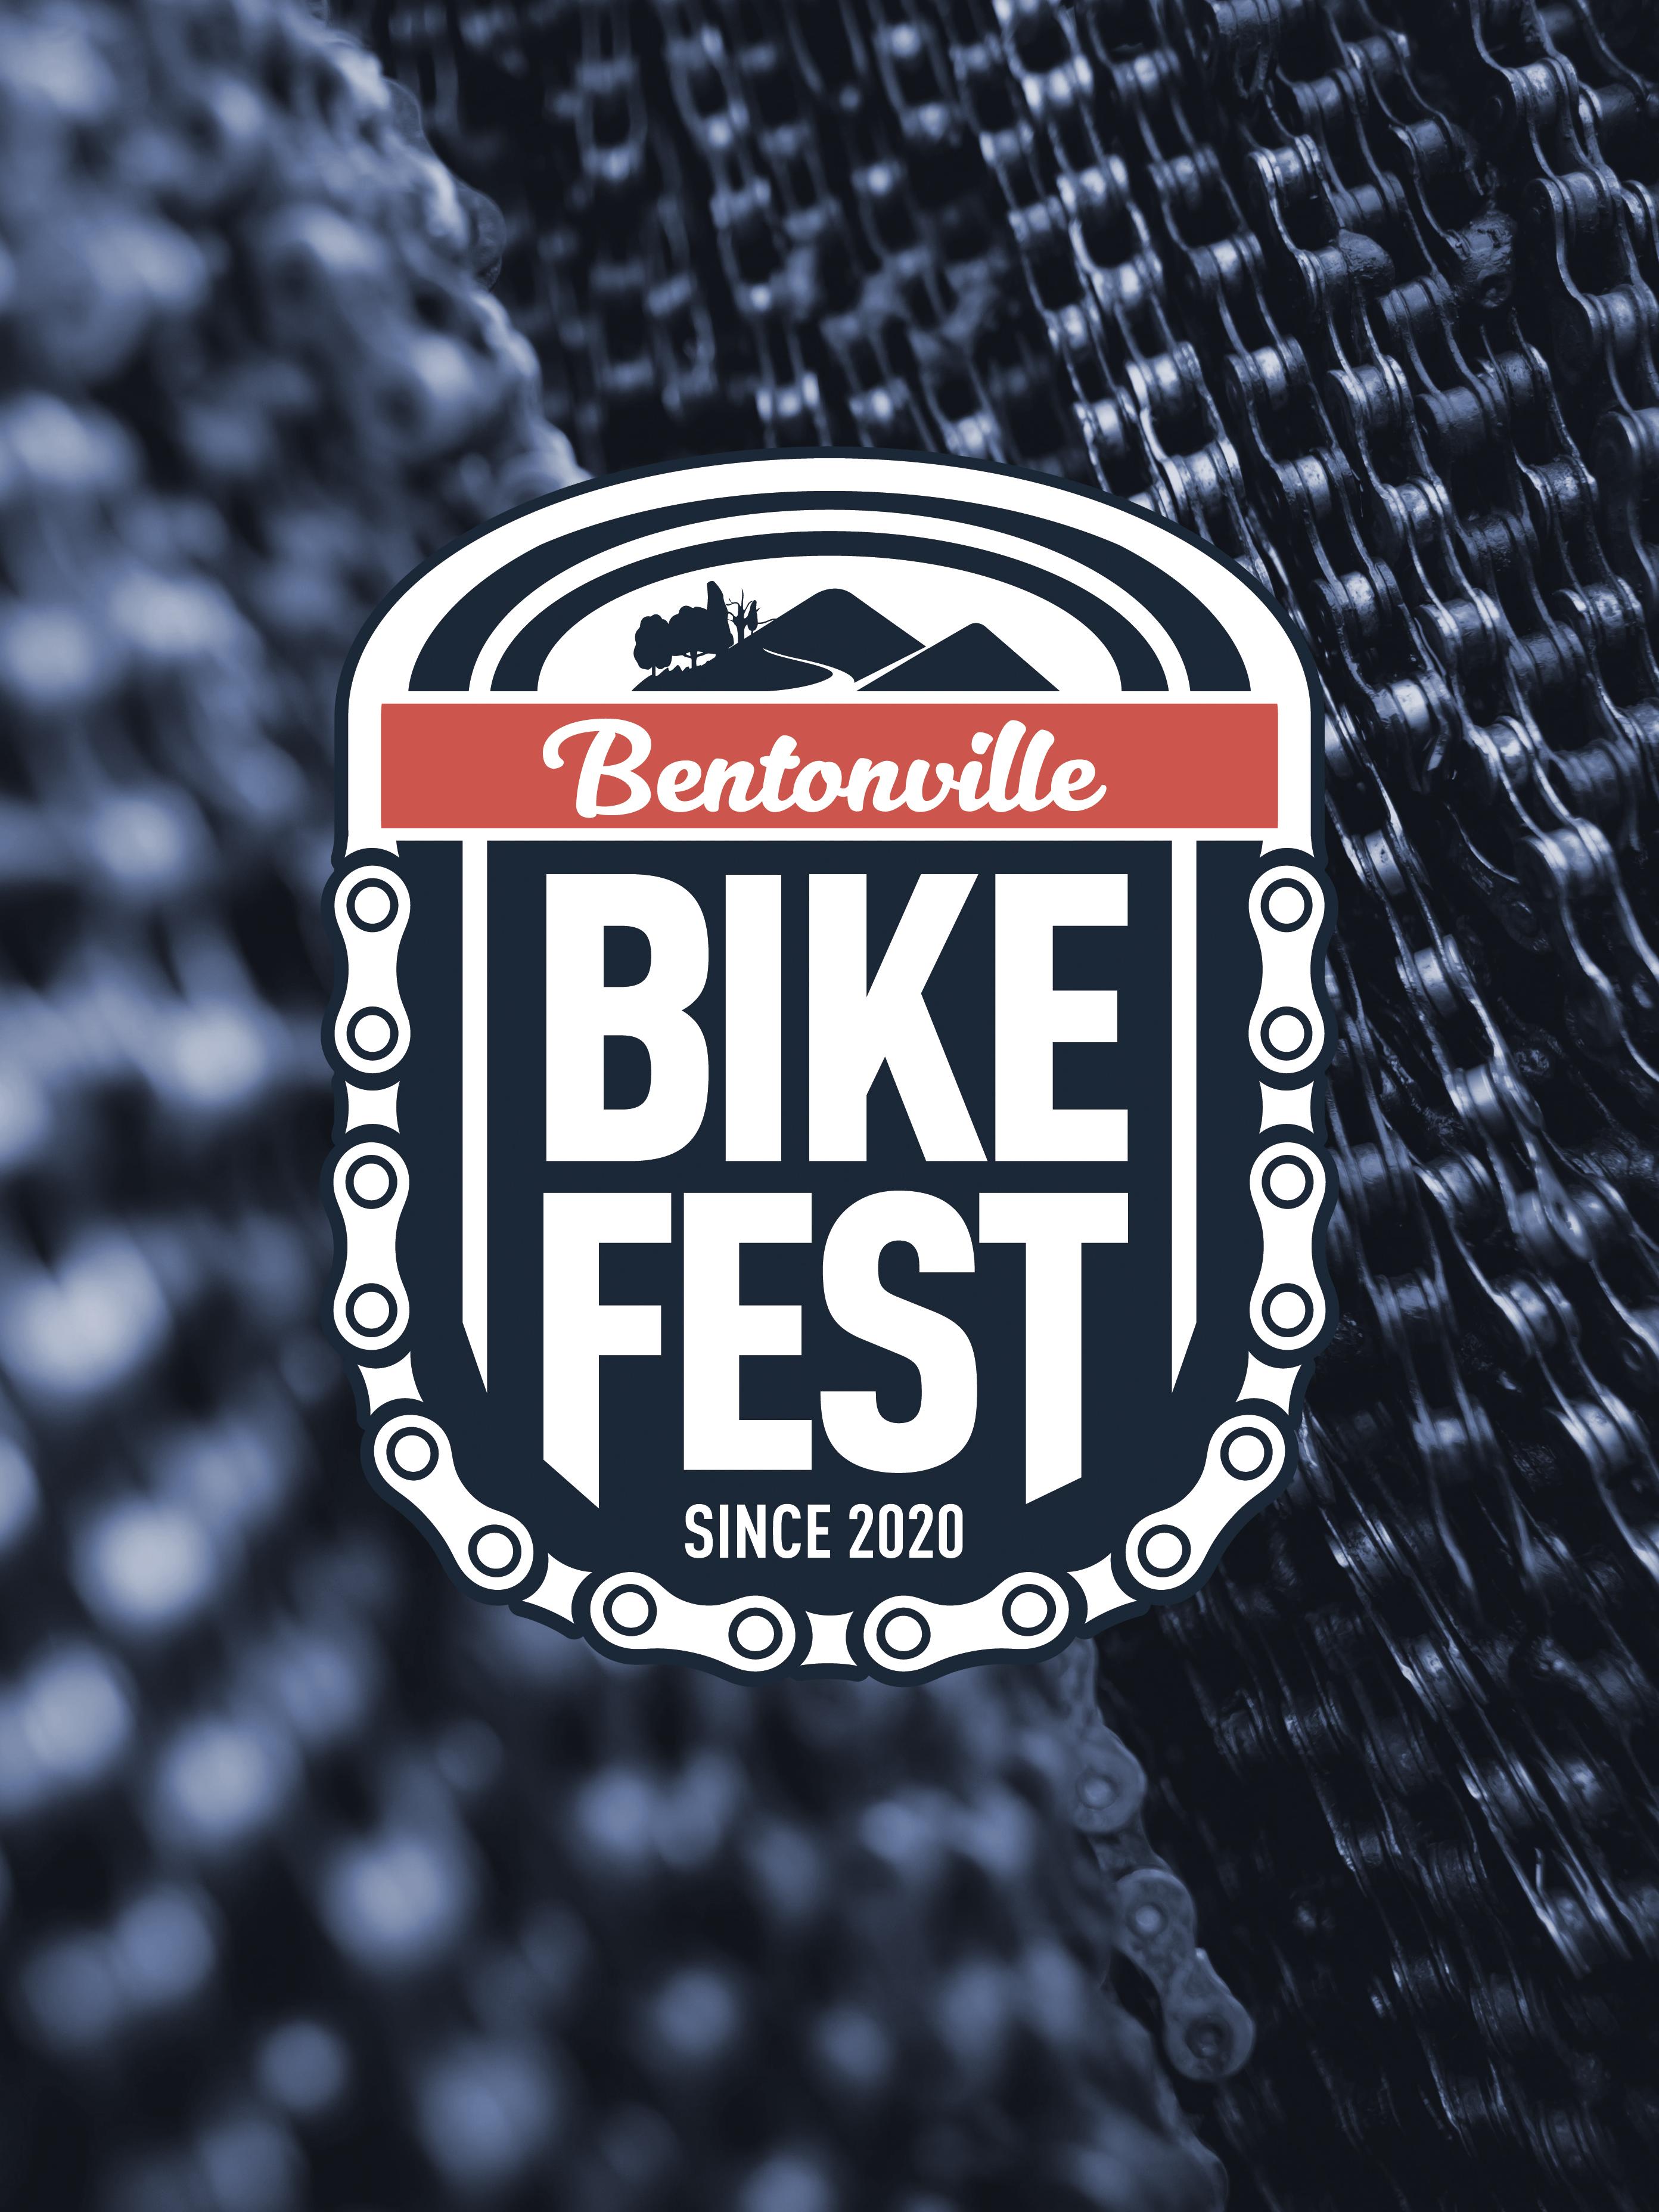 Bentonville Bike Fest